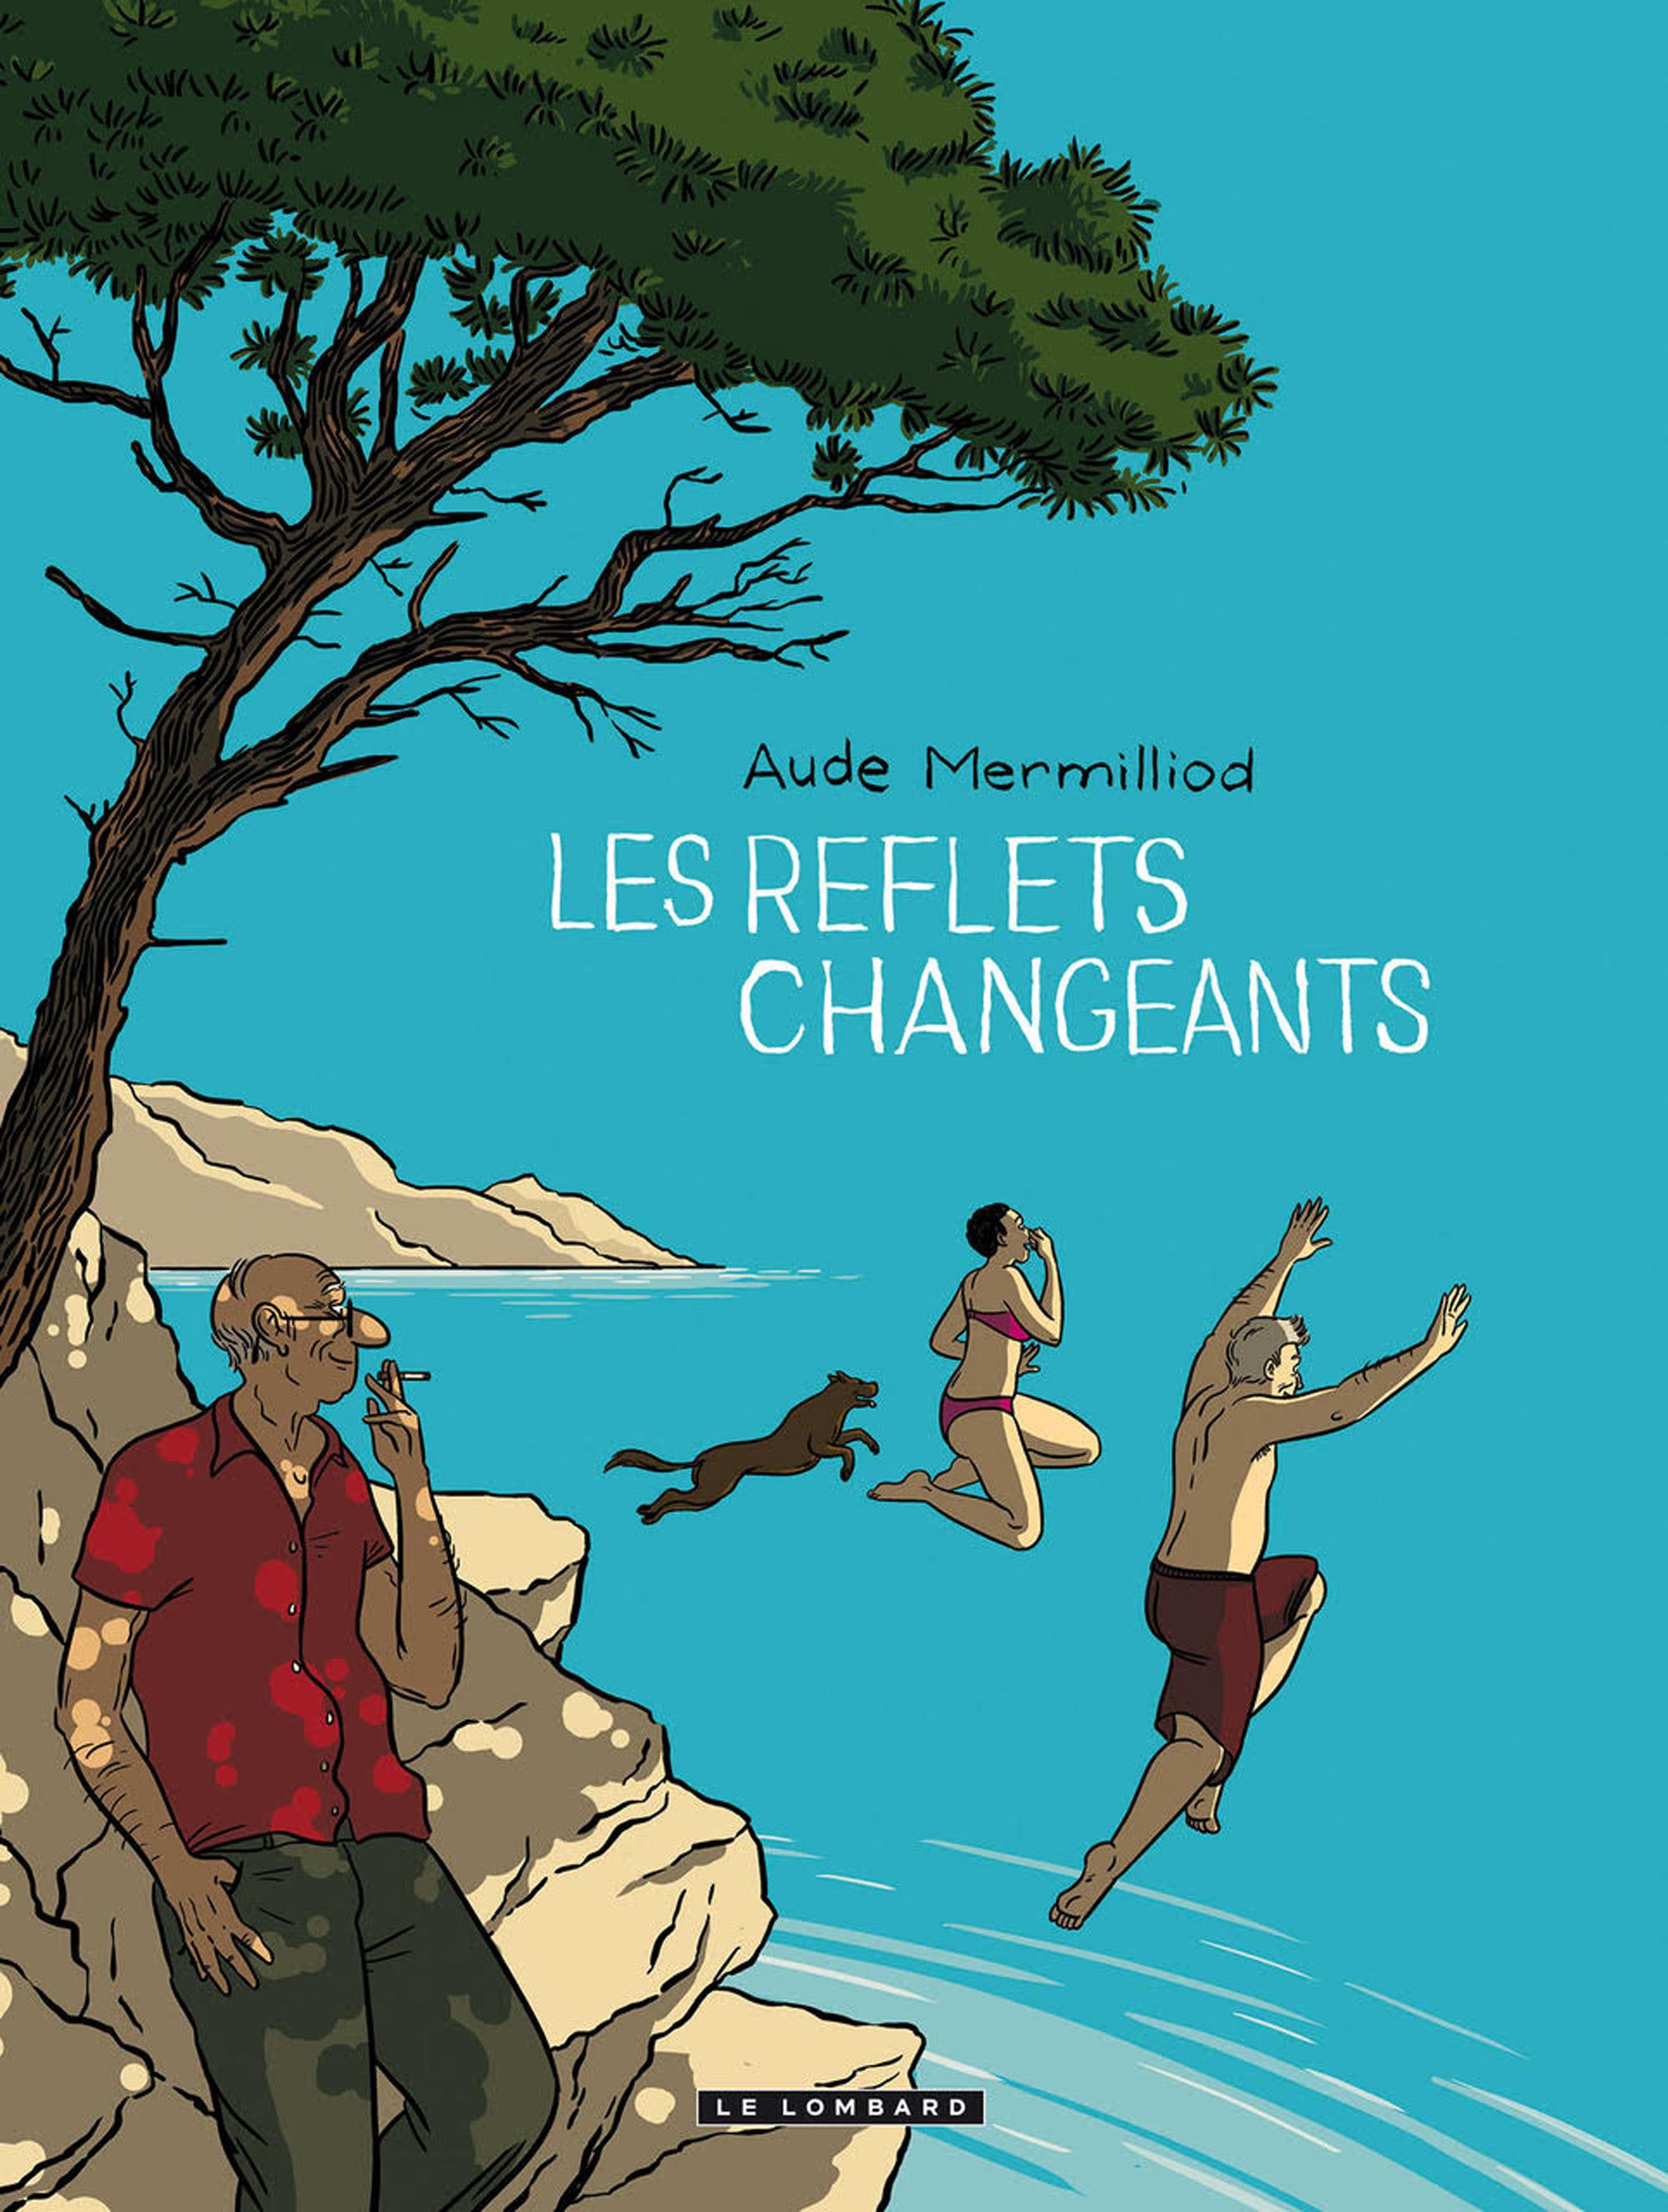 Les reflets changeants, Aude Mermilliod